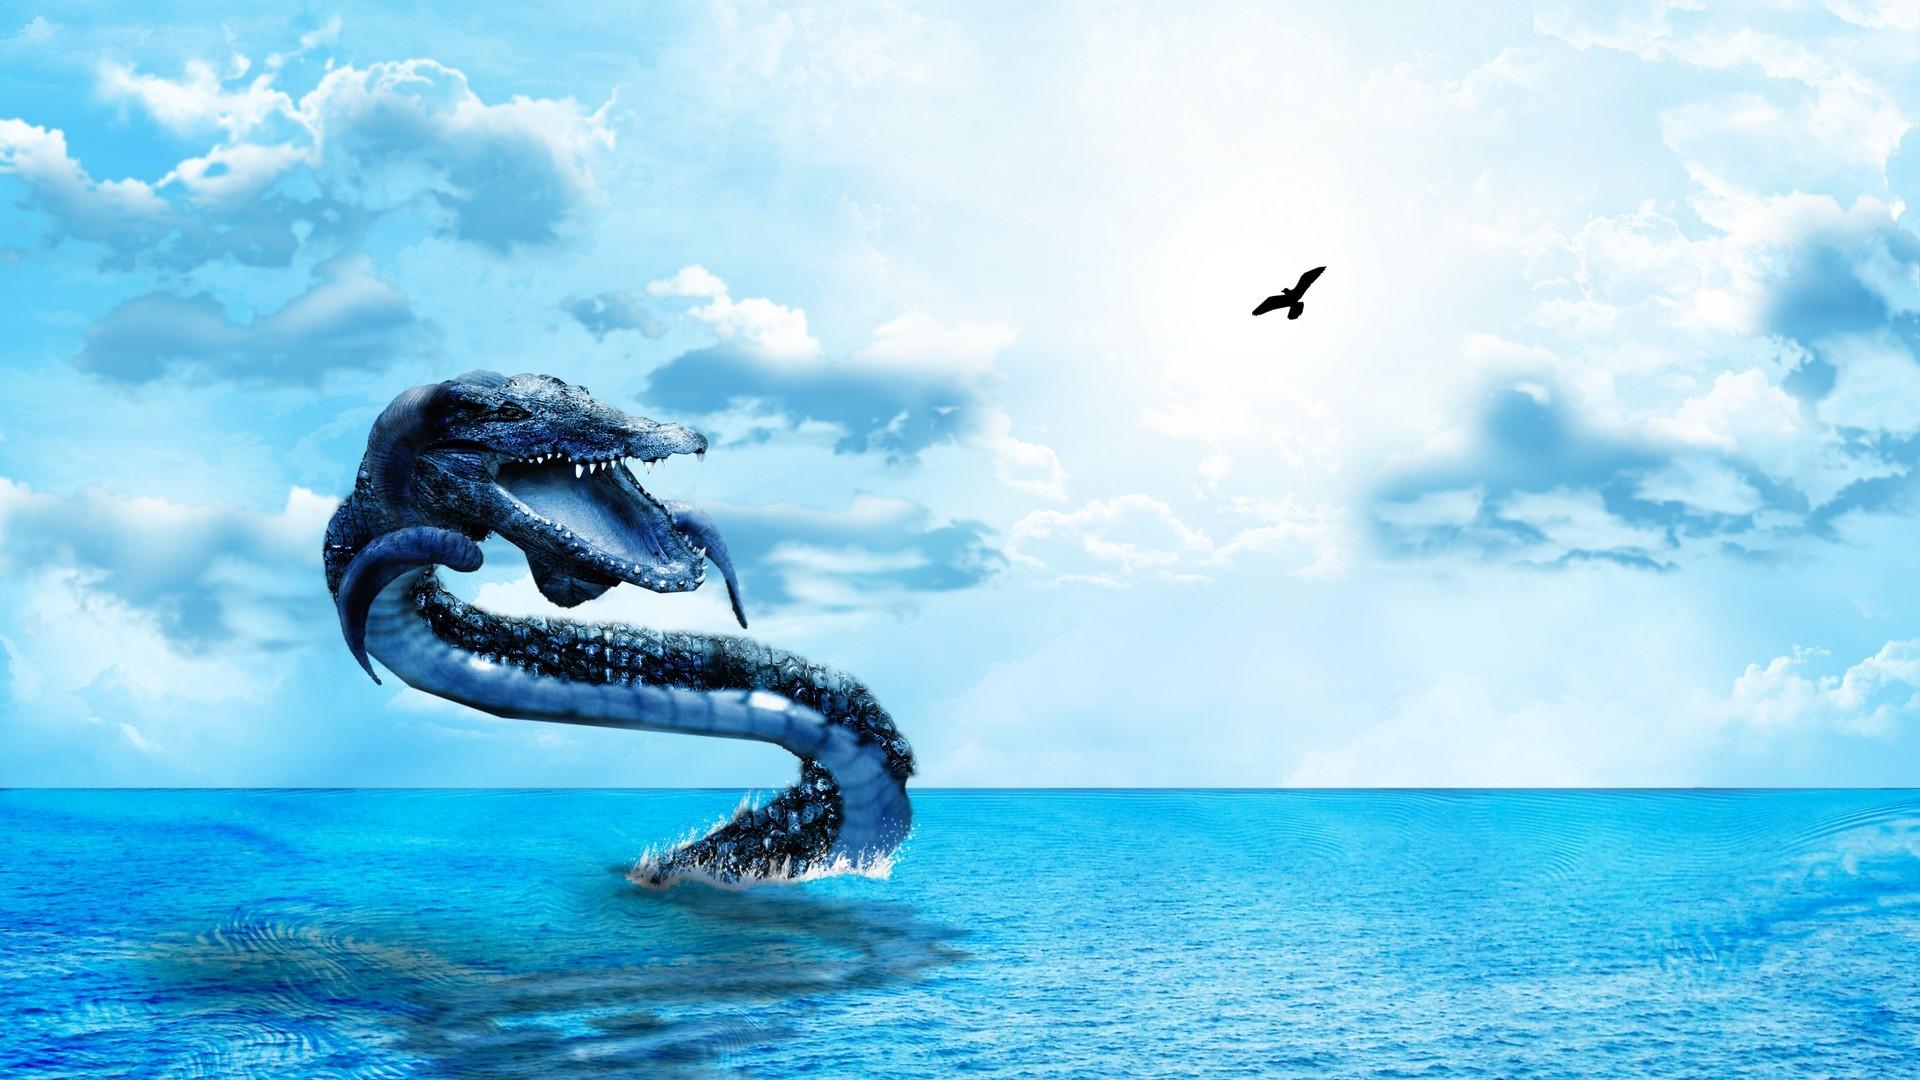 sea serpent wallpaper hd